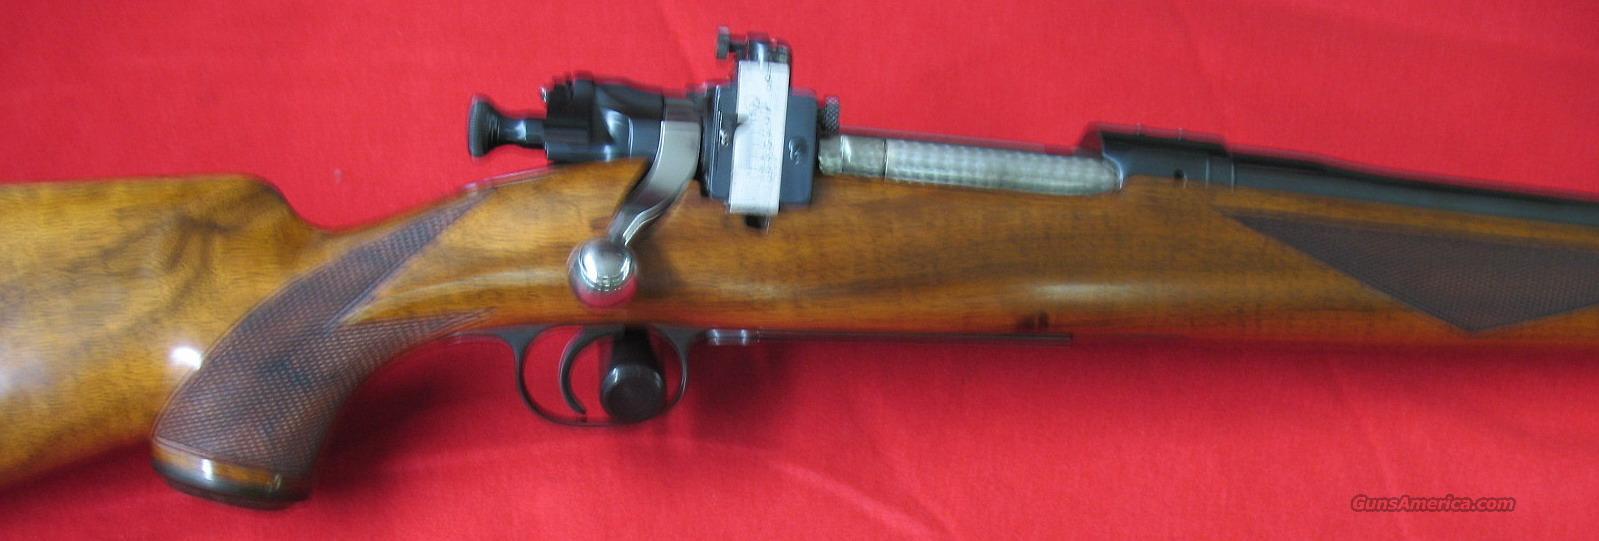 Vintage Sporting Shotgun Barrels 78